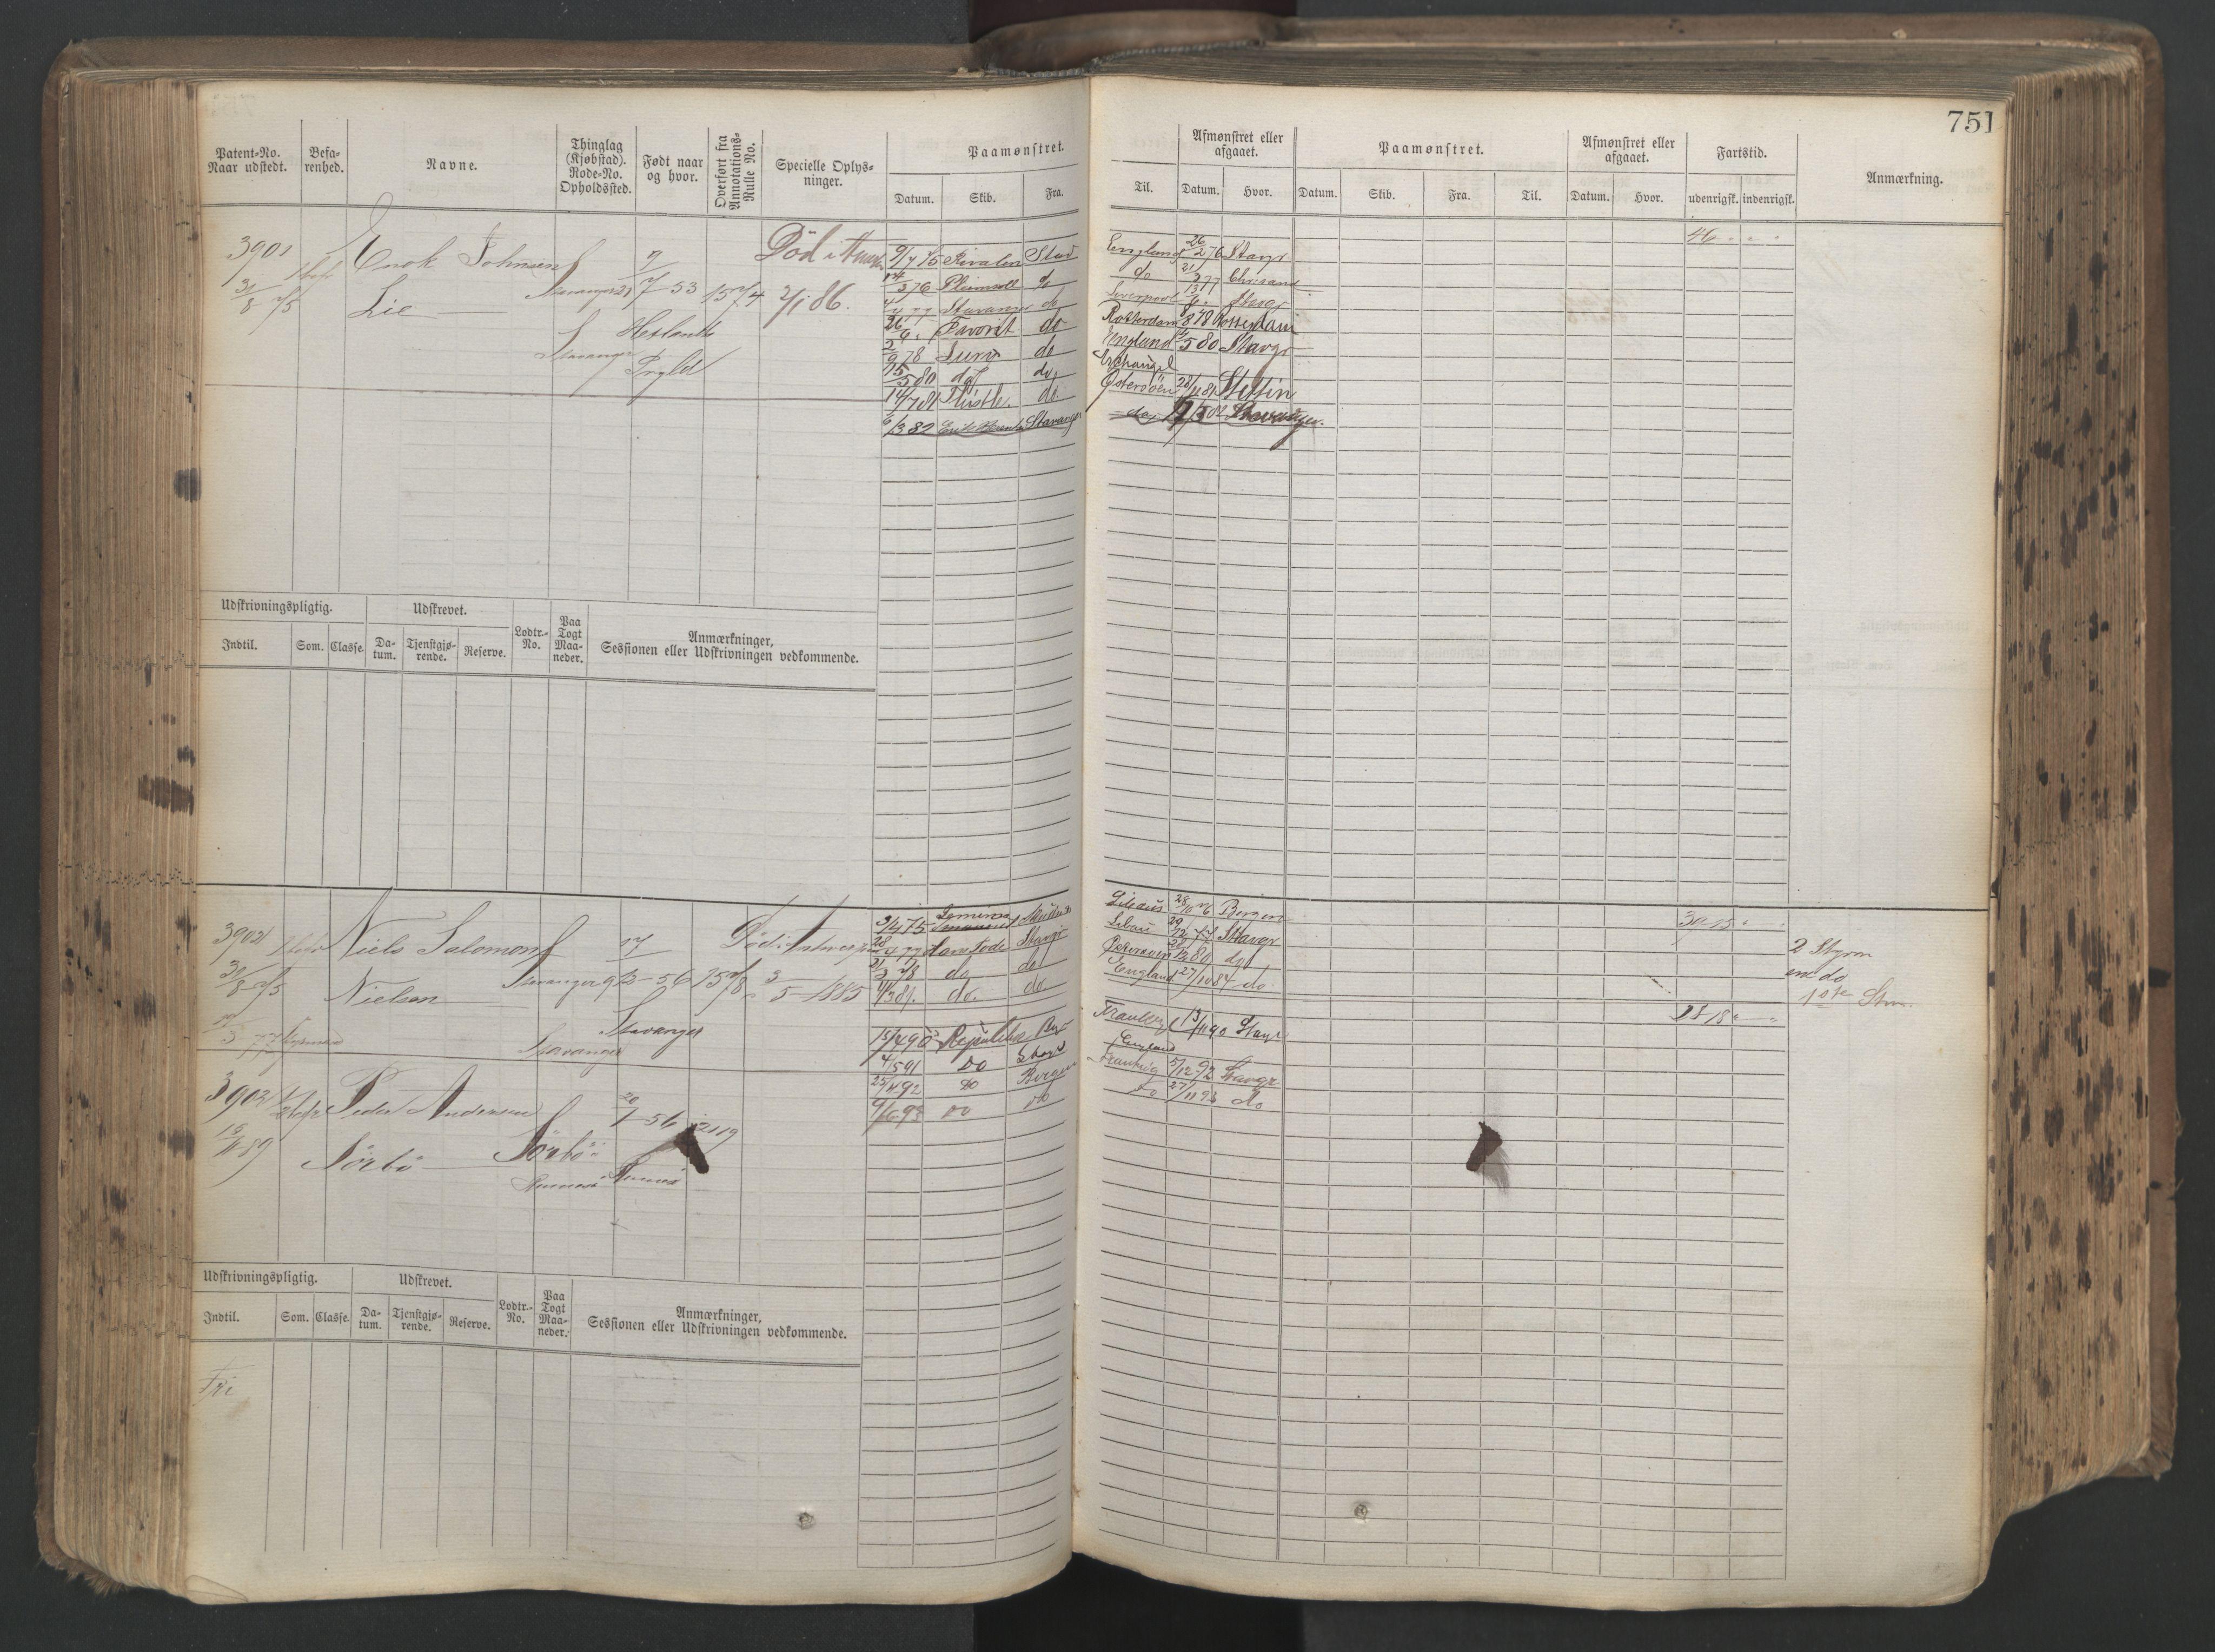 SAST, Stavanger sjømannskontor, F/Fb/Fbb/L0019: Sjøfartshovedrulle patnentnr. 3603-4803 (dublett), 1875, s. 154